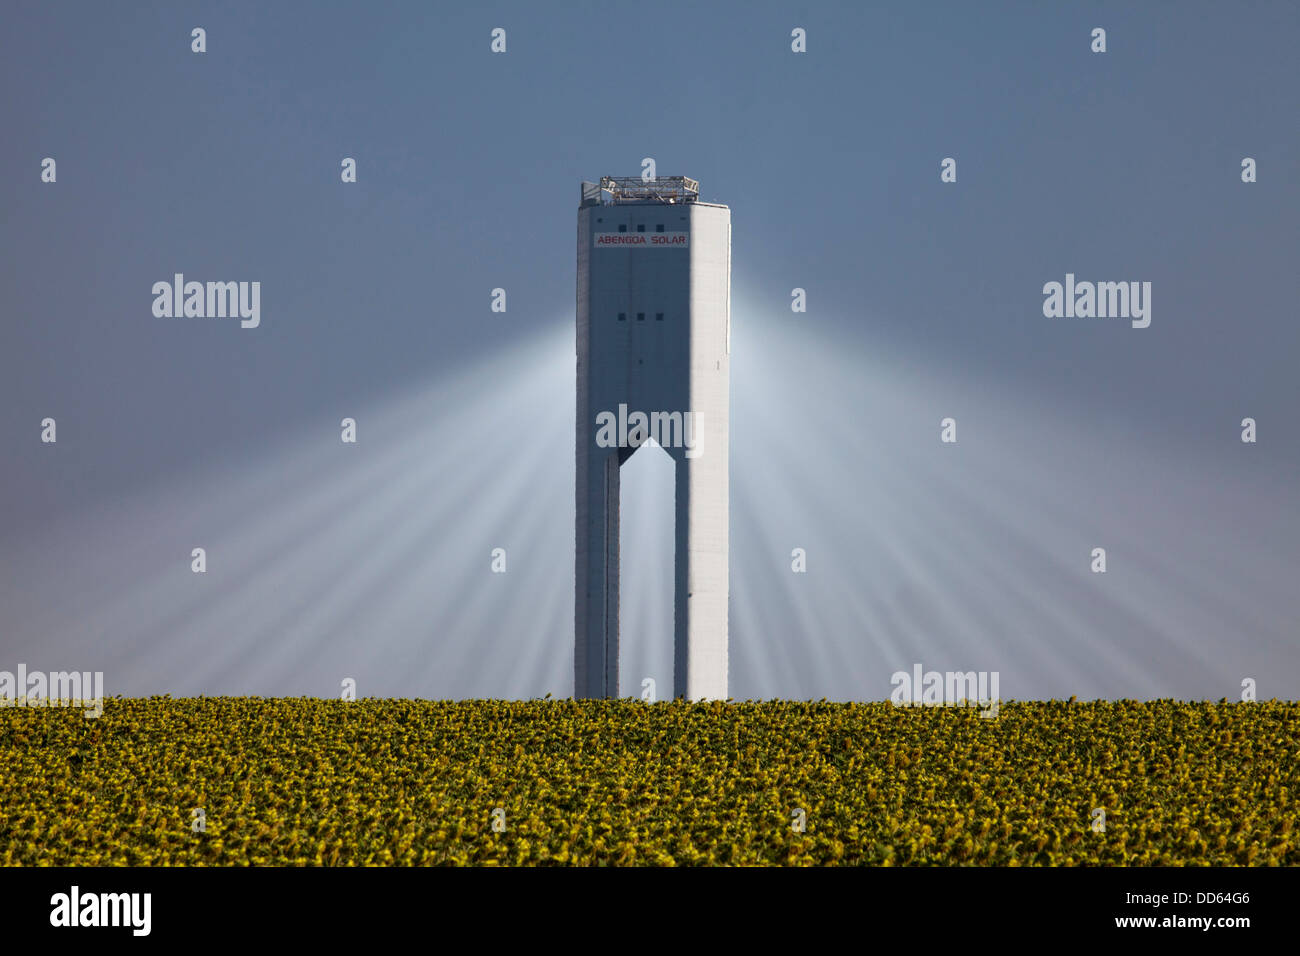 La Planta Solar 20 (PS20) termica torre solare è una energia termica solare impianto a Sanlucar la Mayor vicino Immagini Stock